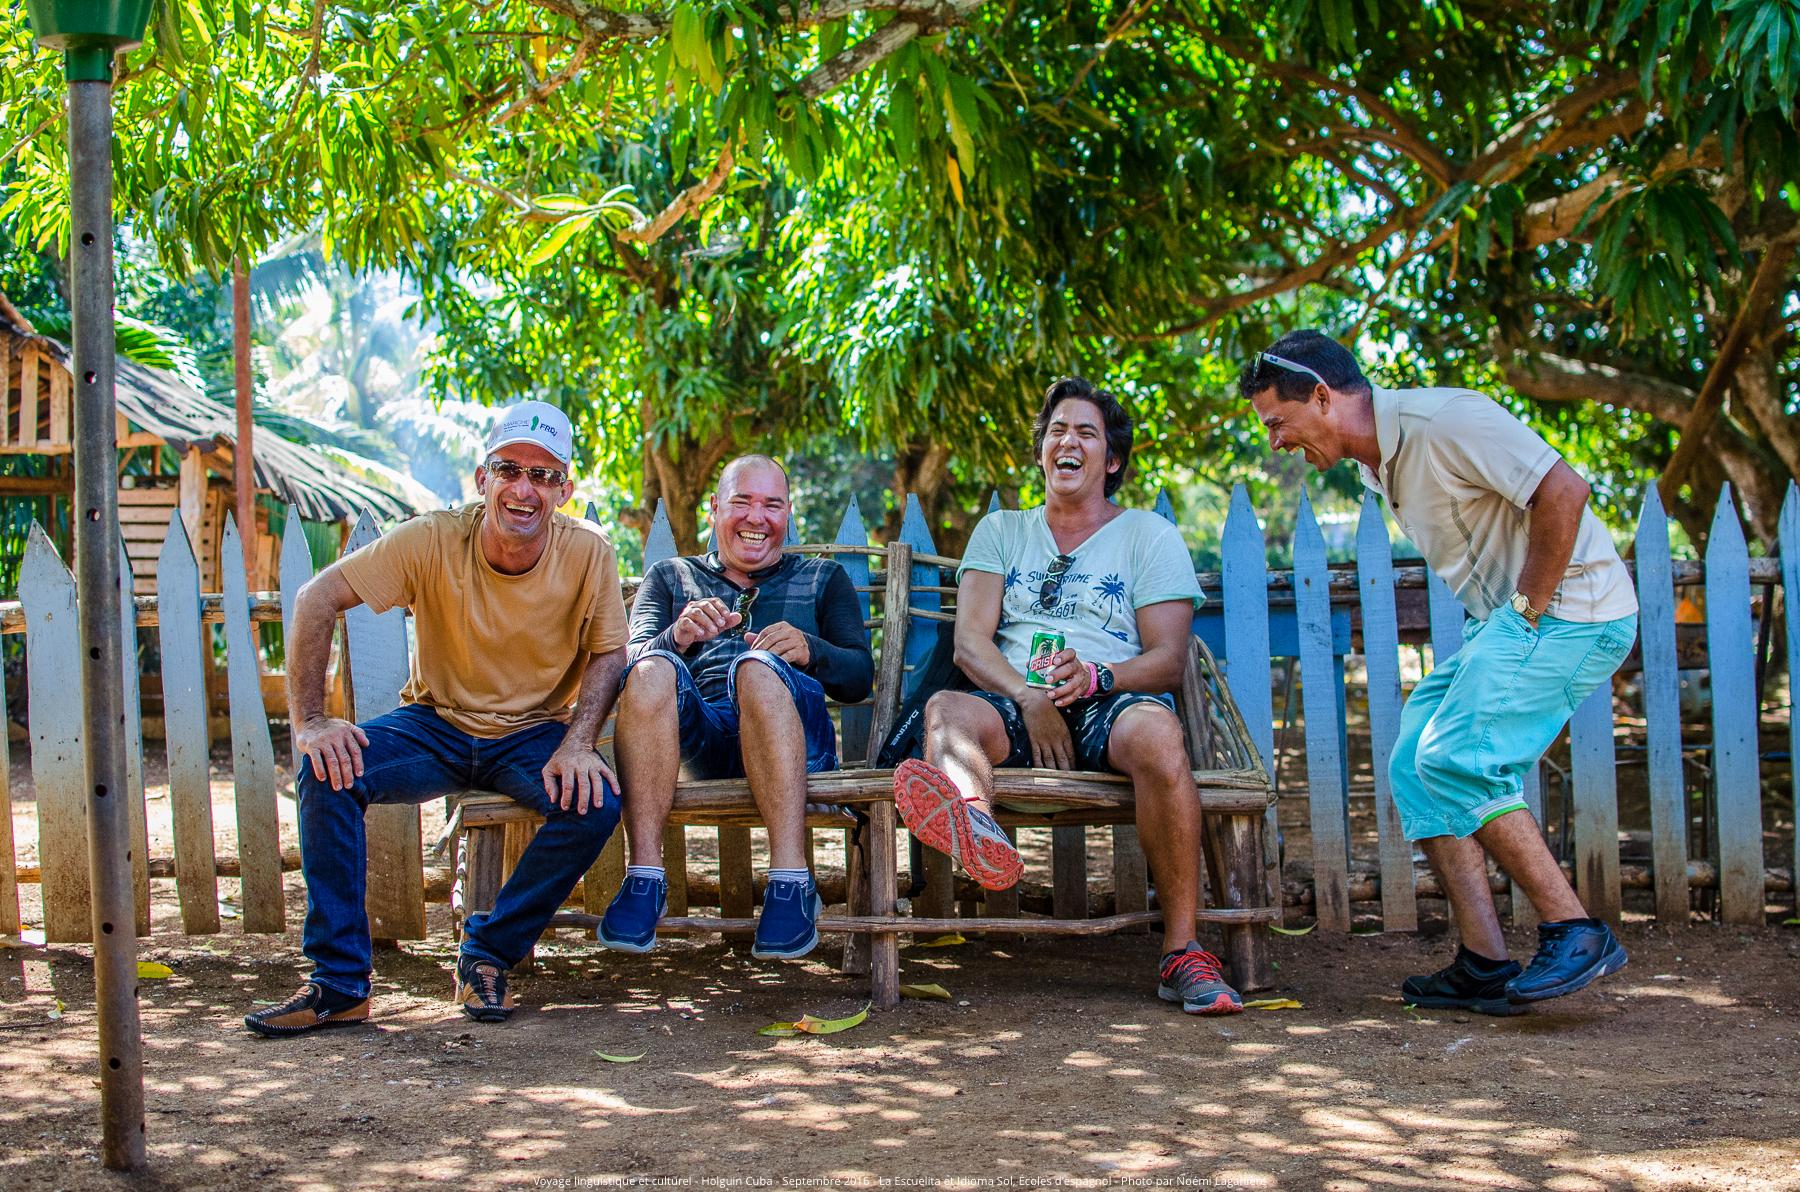 Fiesta Cubaine chez Sandy, Holguin, Cuba